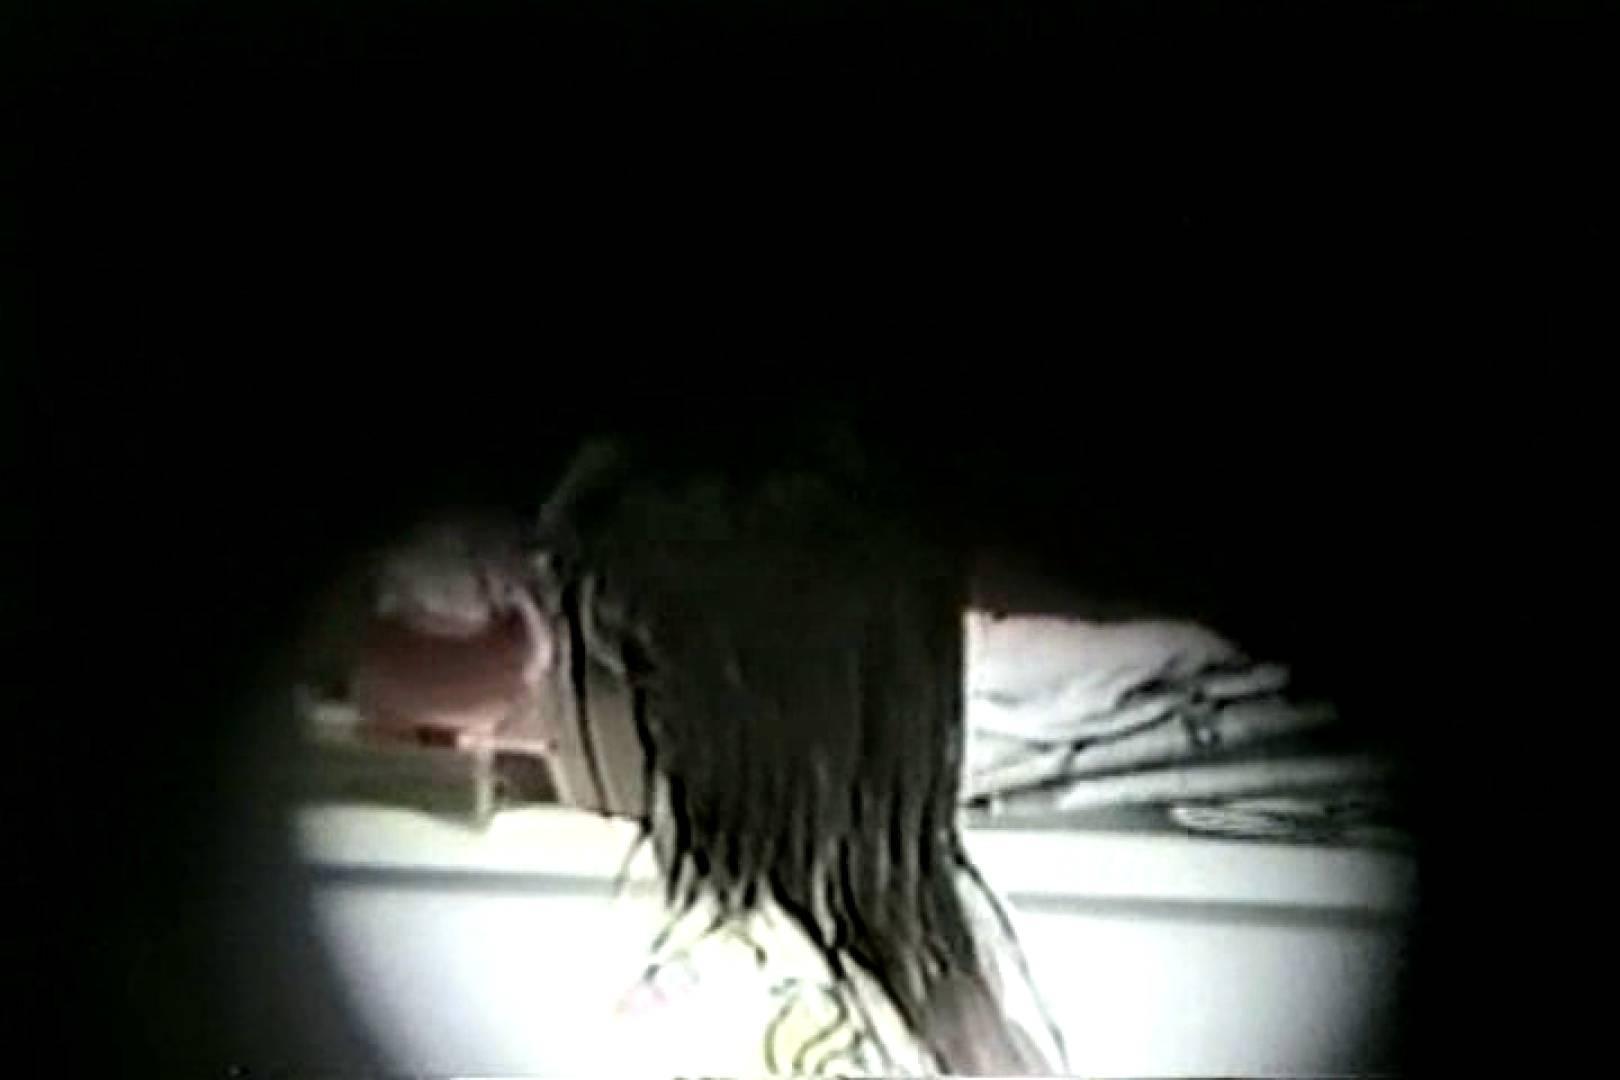 深夜の撮影会Vol.6 OLエロ画像 盗撮おまんこ無修正動画無料 51PICs 32